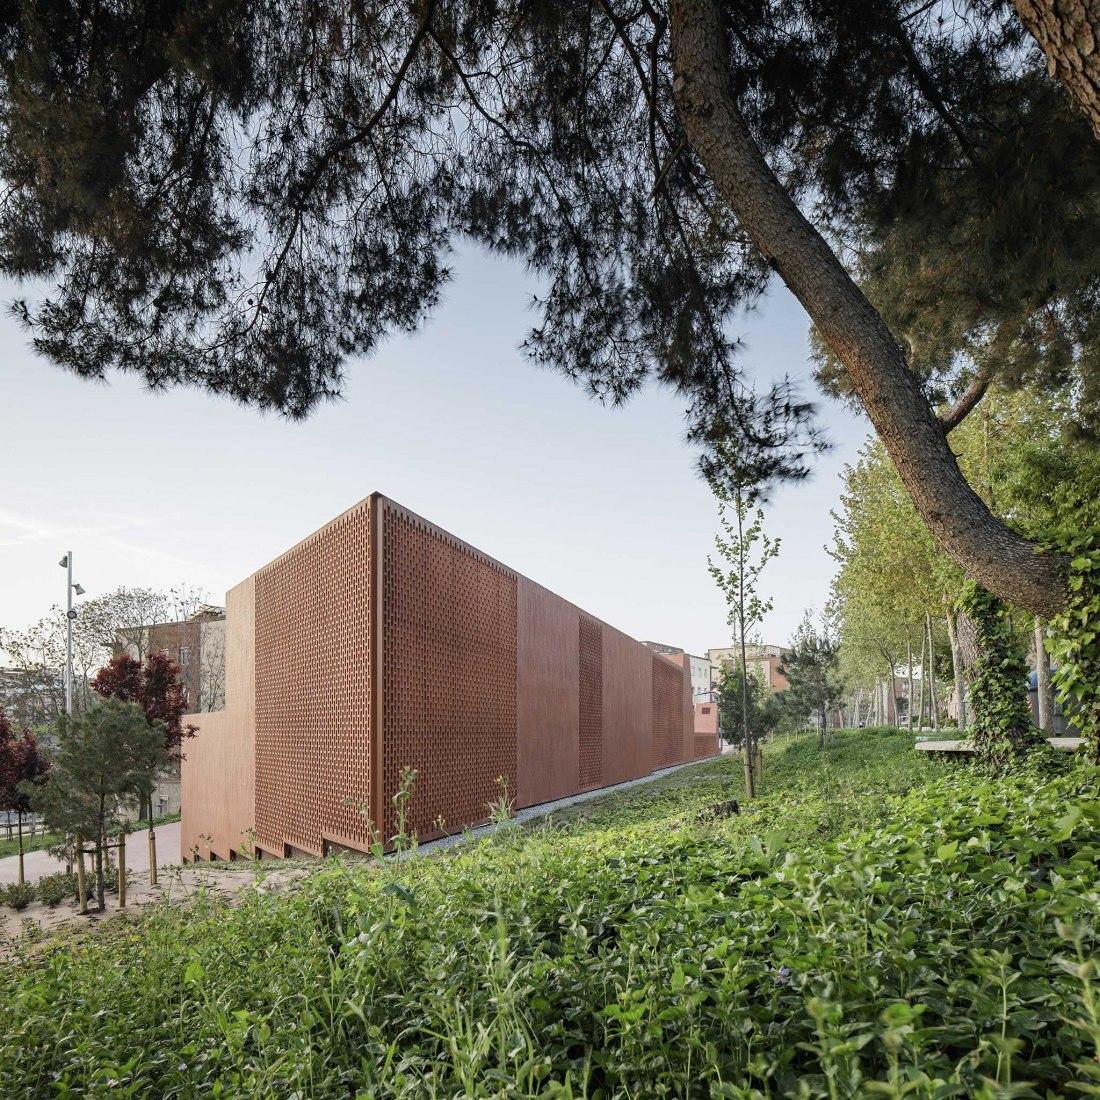 Casal Trinitat Nova por Bayona-Valero Arquitectos asociados y Cantallops-Vicente Arquitectos. Fotografía por Jordi Surroca y Gael del Río